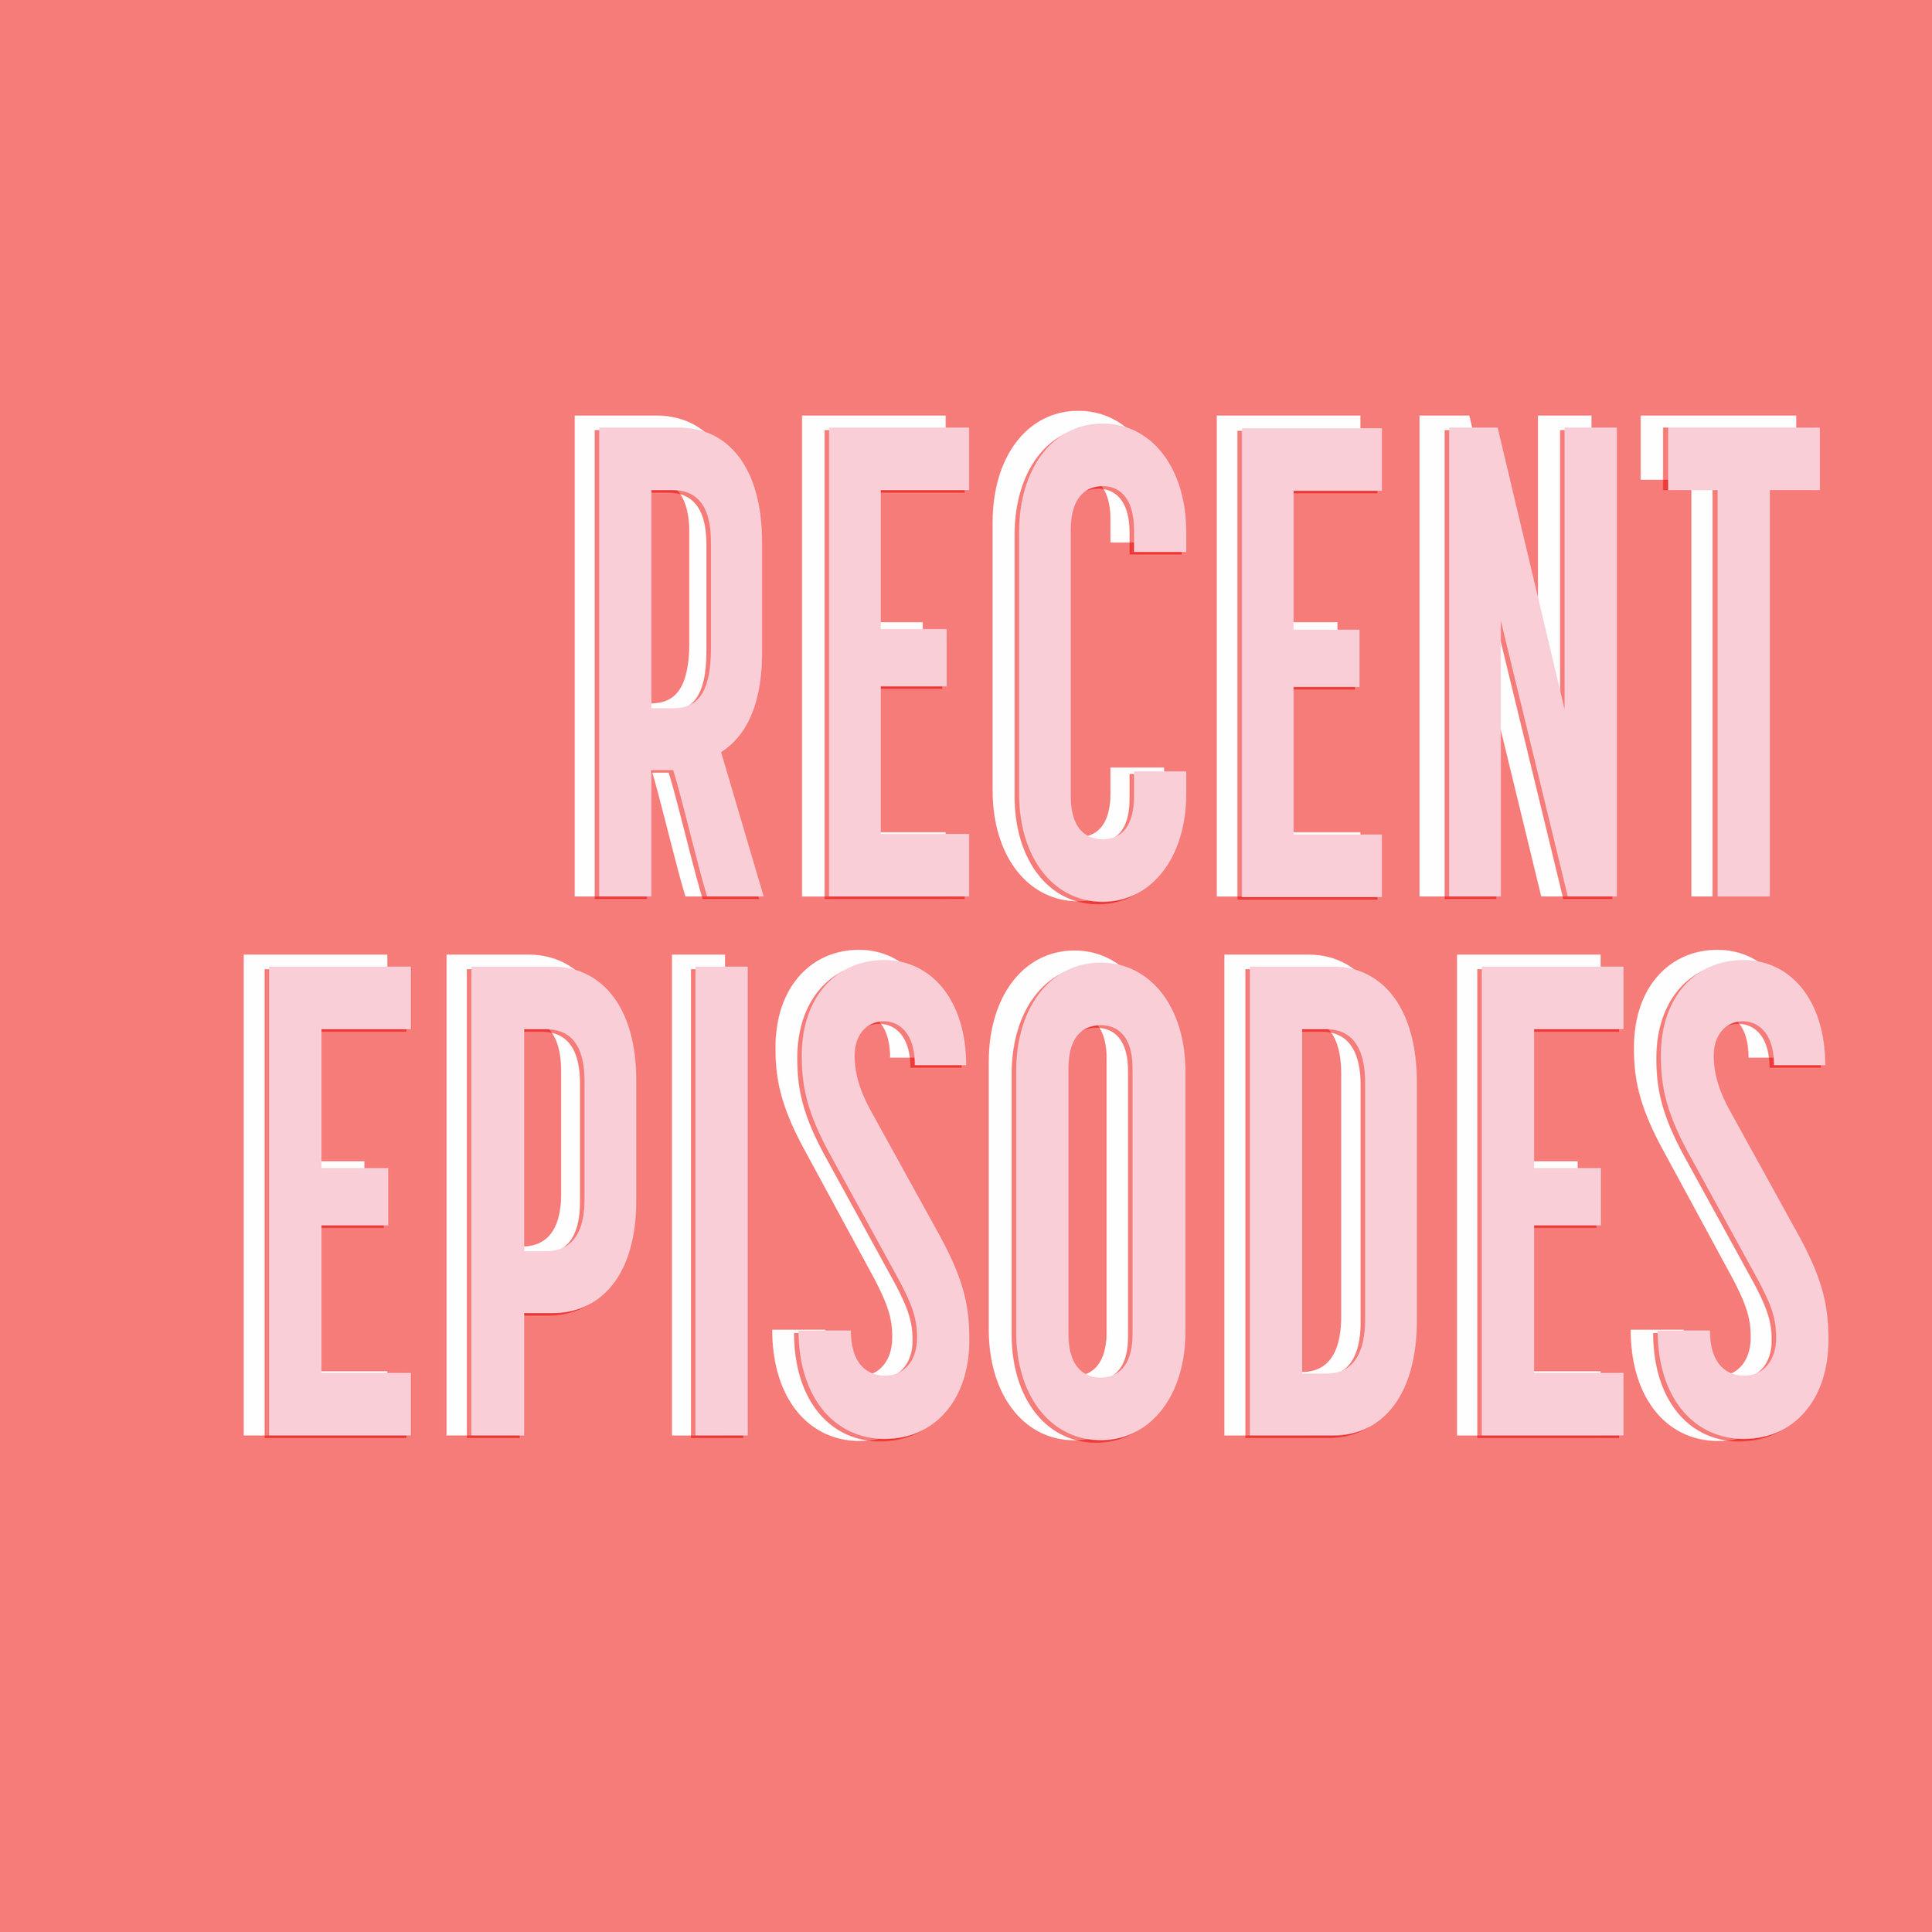 Recent Episodes.jpg